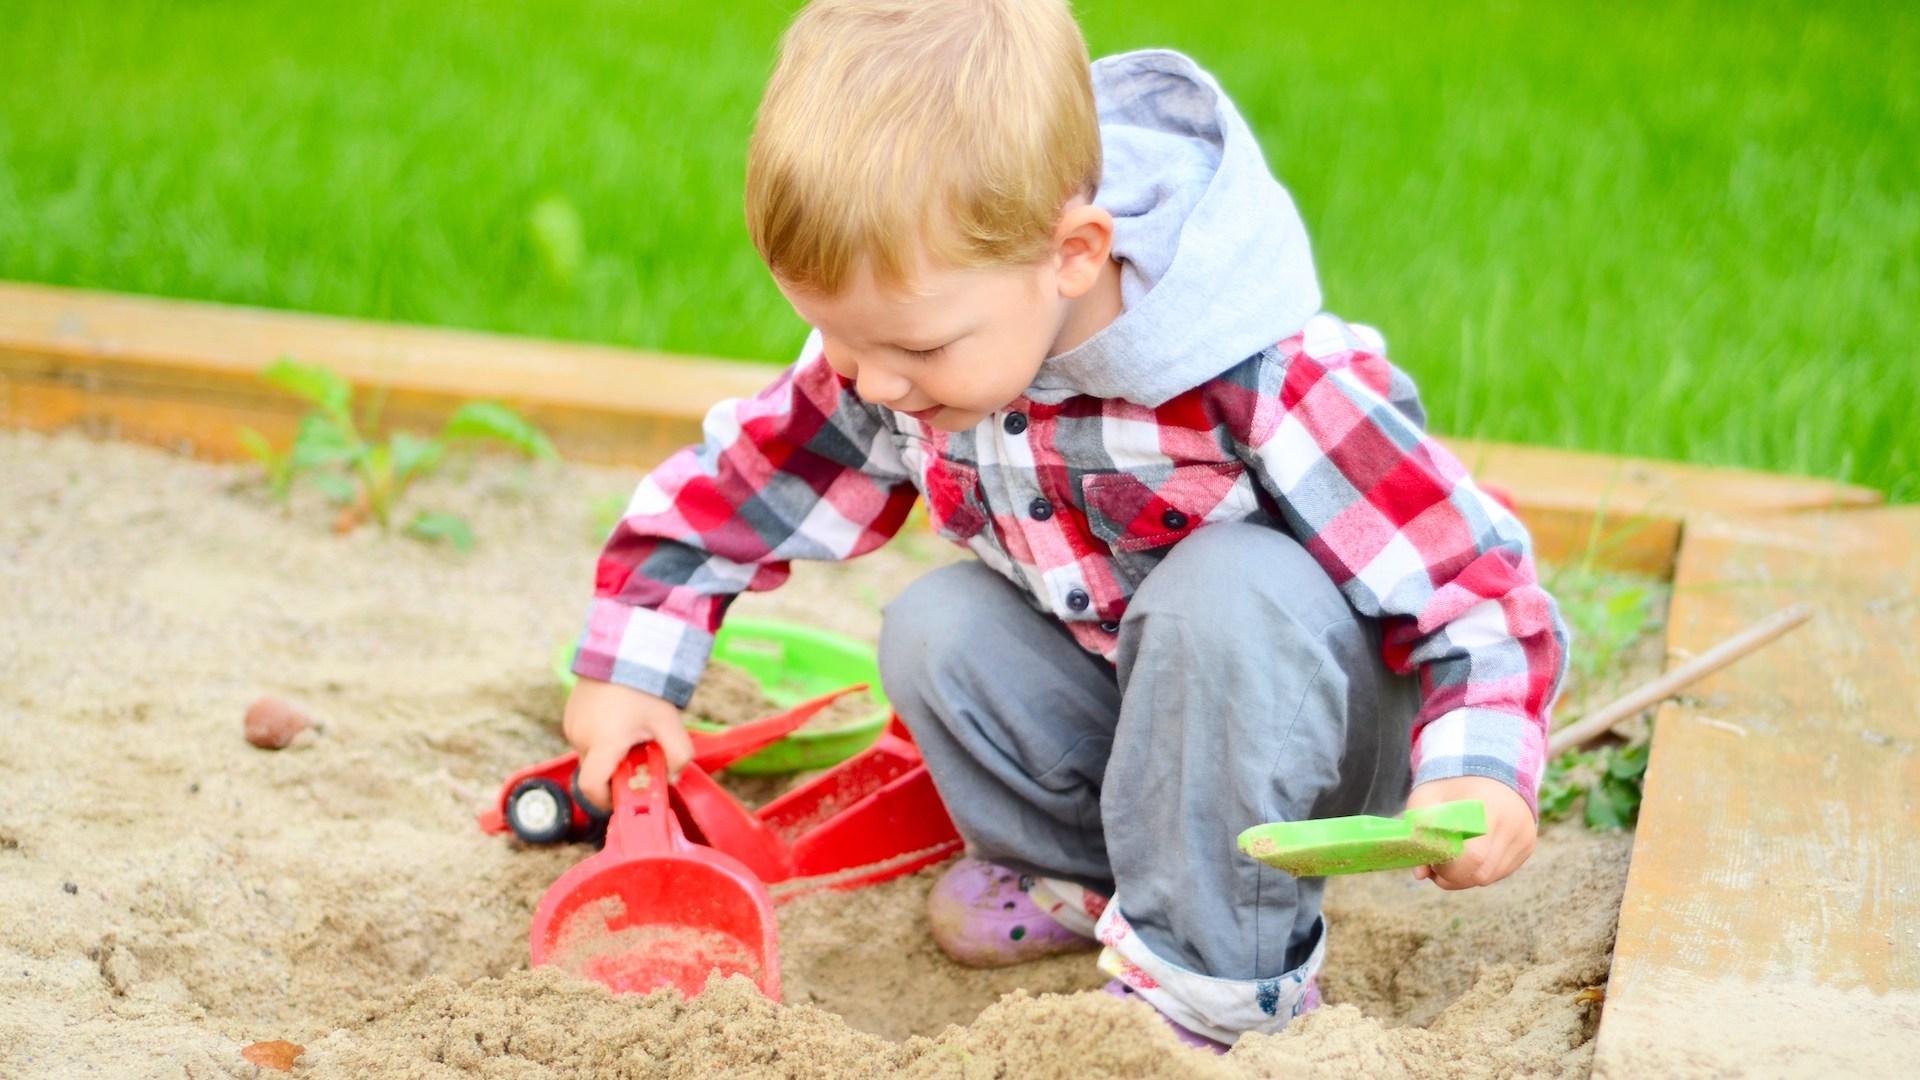 Is Your Child S Sandbox Sand Safe